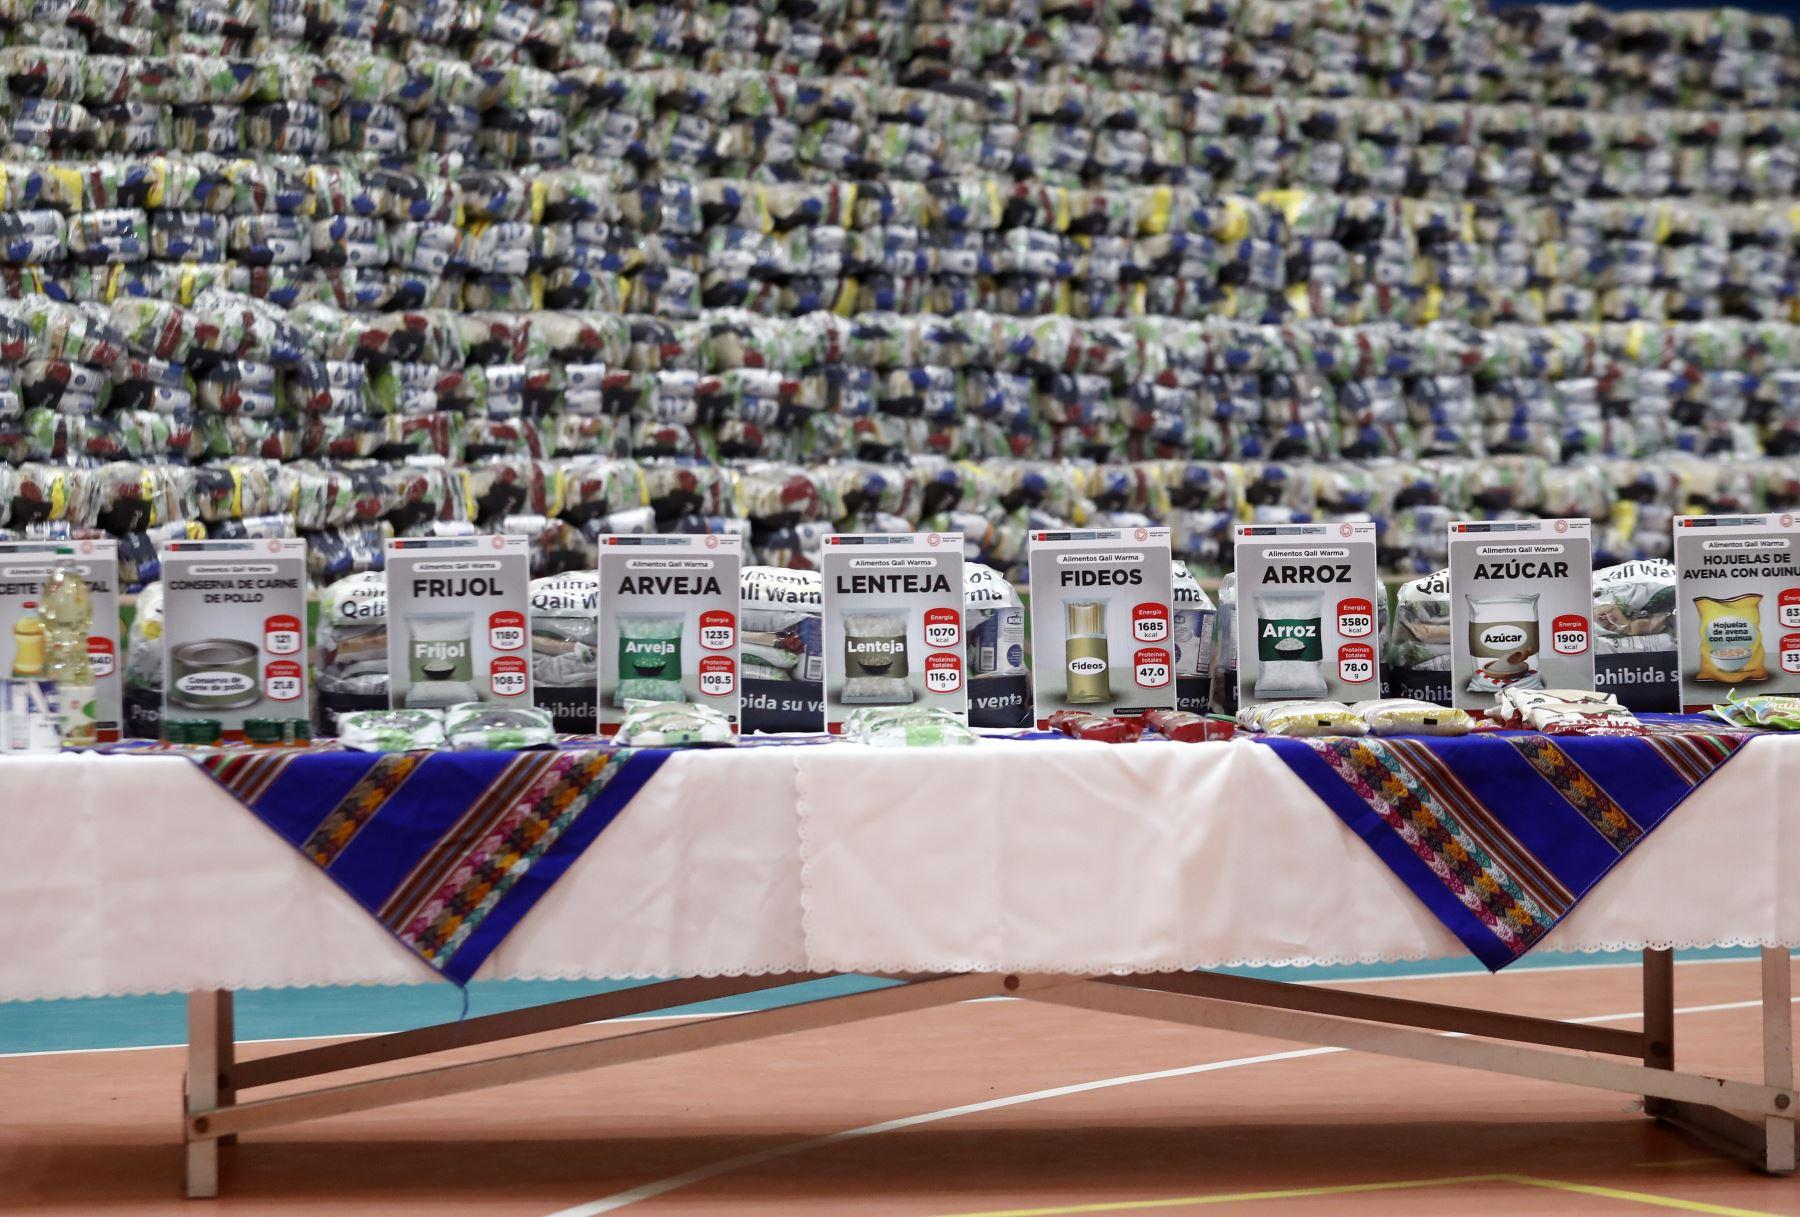 El presidente Francisco Sagasti, junto con la titular del Midis, Silvana Vargas, supervisa la entrega de alimentos de Qali Warma para la atención de personas vulnerables del distrito de Ventanilla.Foto: ANDINA/Prensa Presidencia